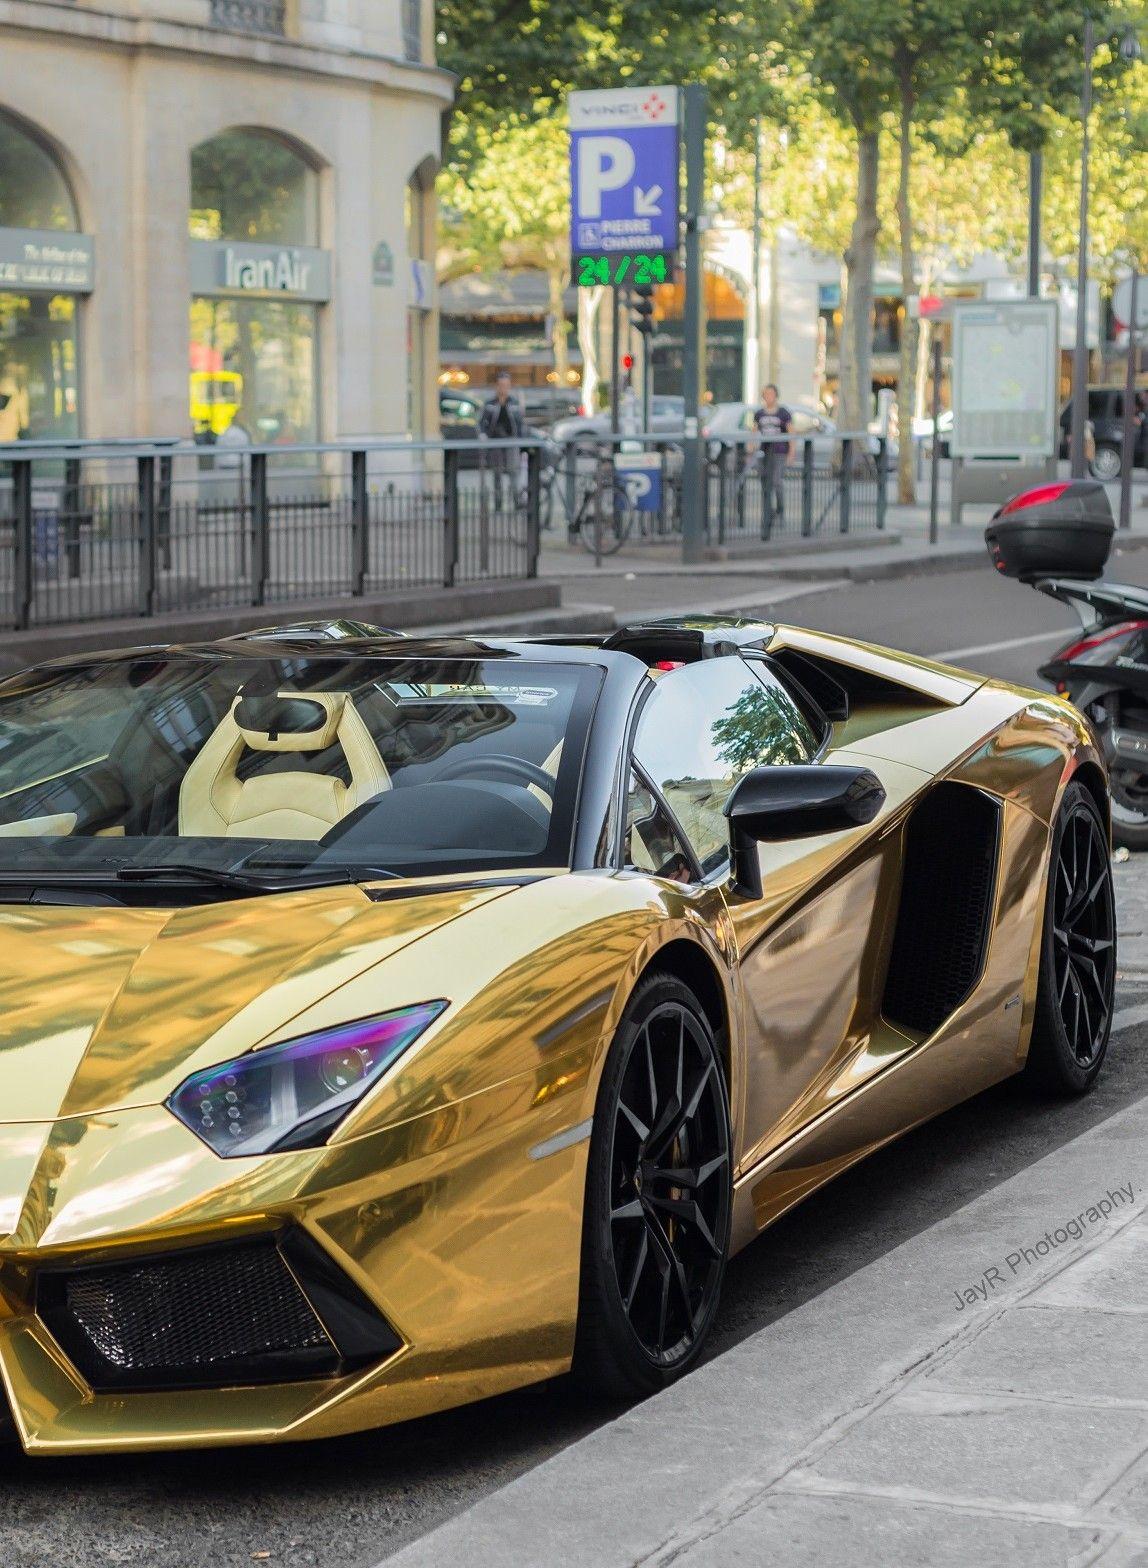 Cool Gold Lamborghini : lamborghini, Lamborghini, Aventador, Aventador,, Automobile,